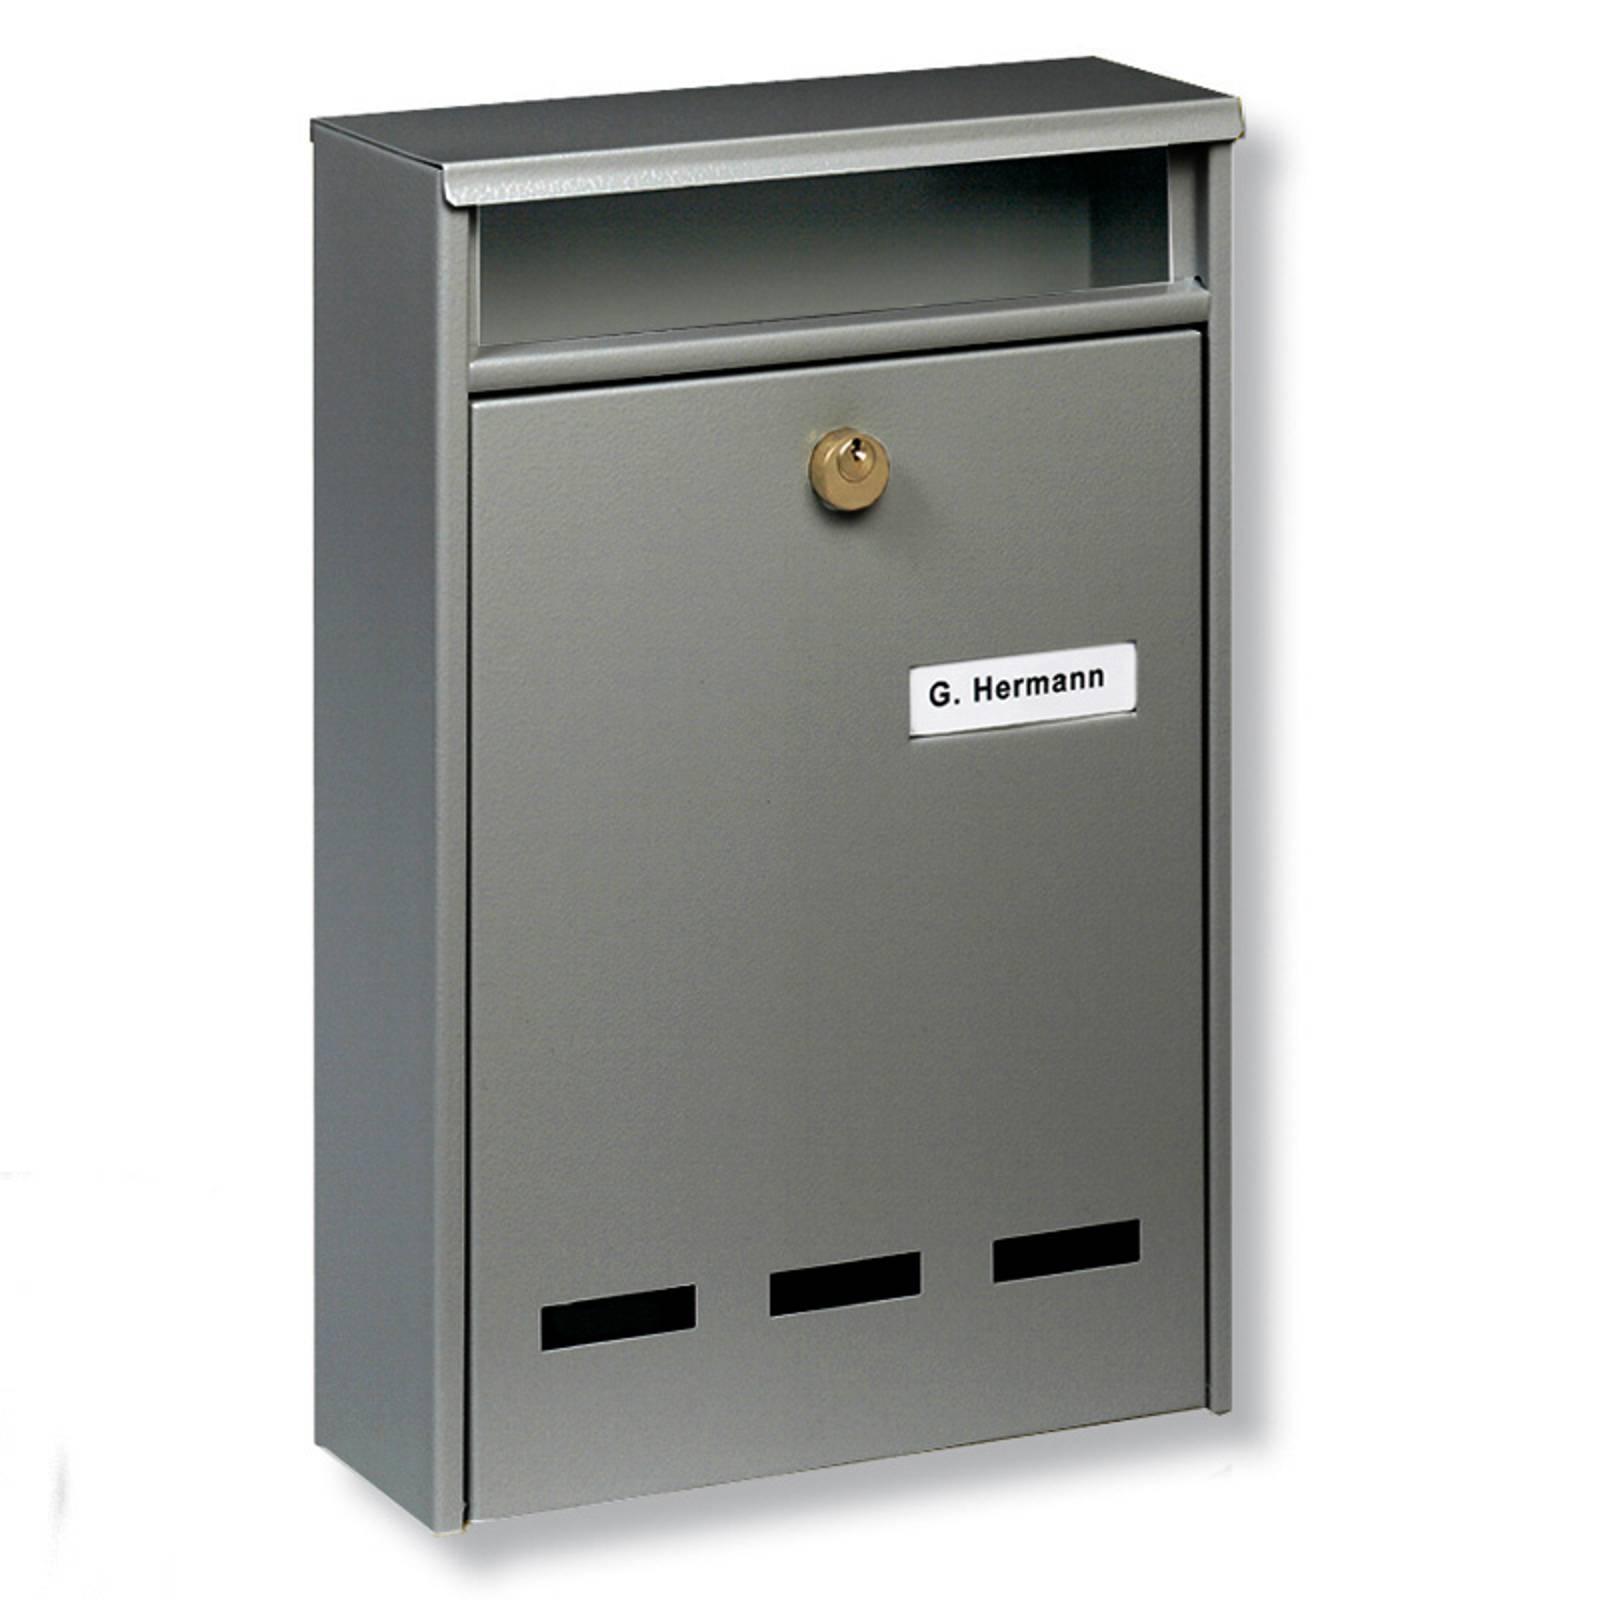 B5-standardin ryhmäpostilaatikko Wismar, harmaa